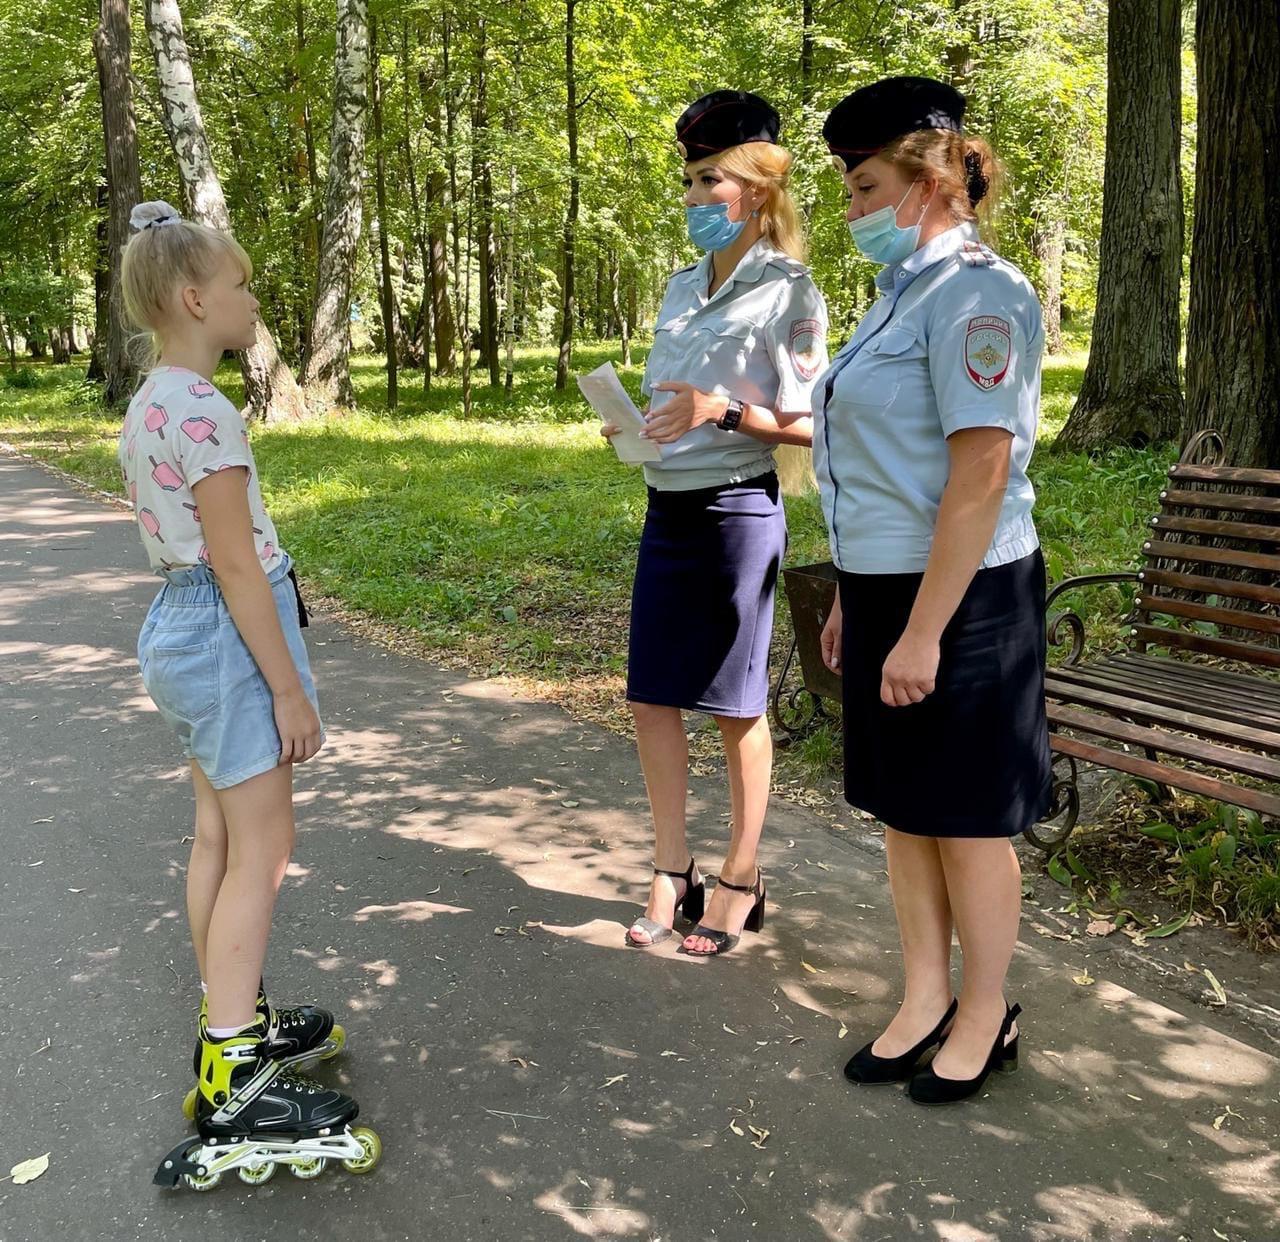 Сотрудники полиции Волжского района проводят профилактическую работу по безопасности дорожного движения на улицах, во дворовых территориях и парках